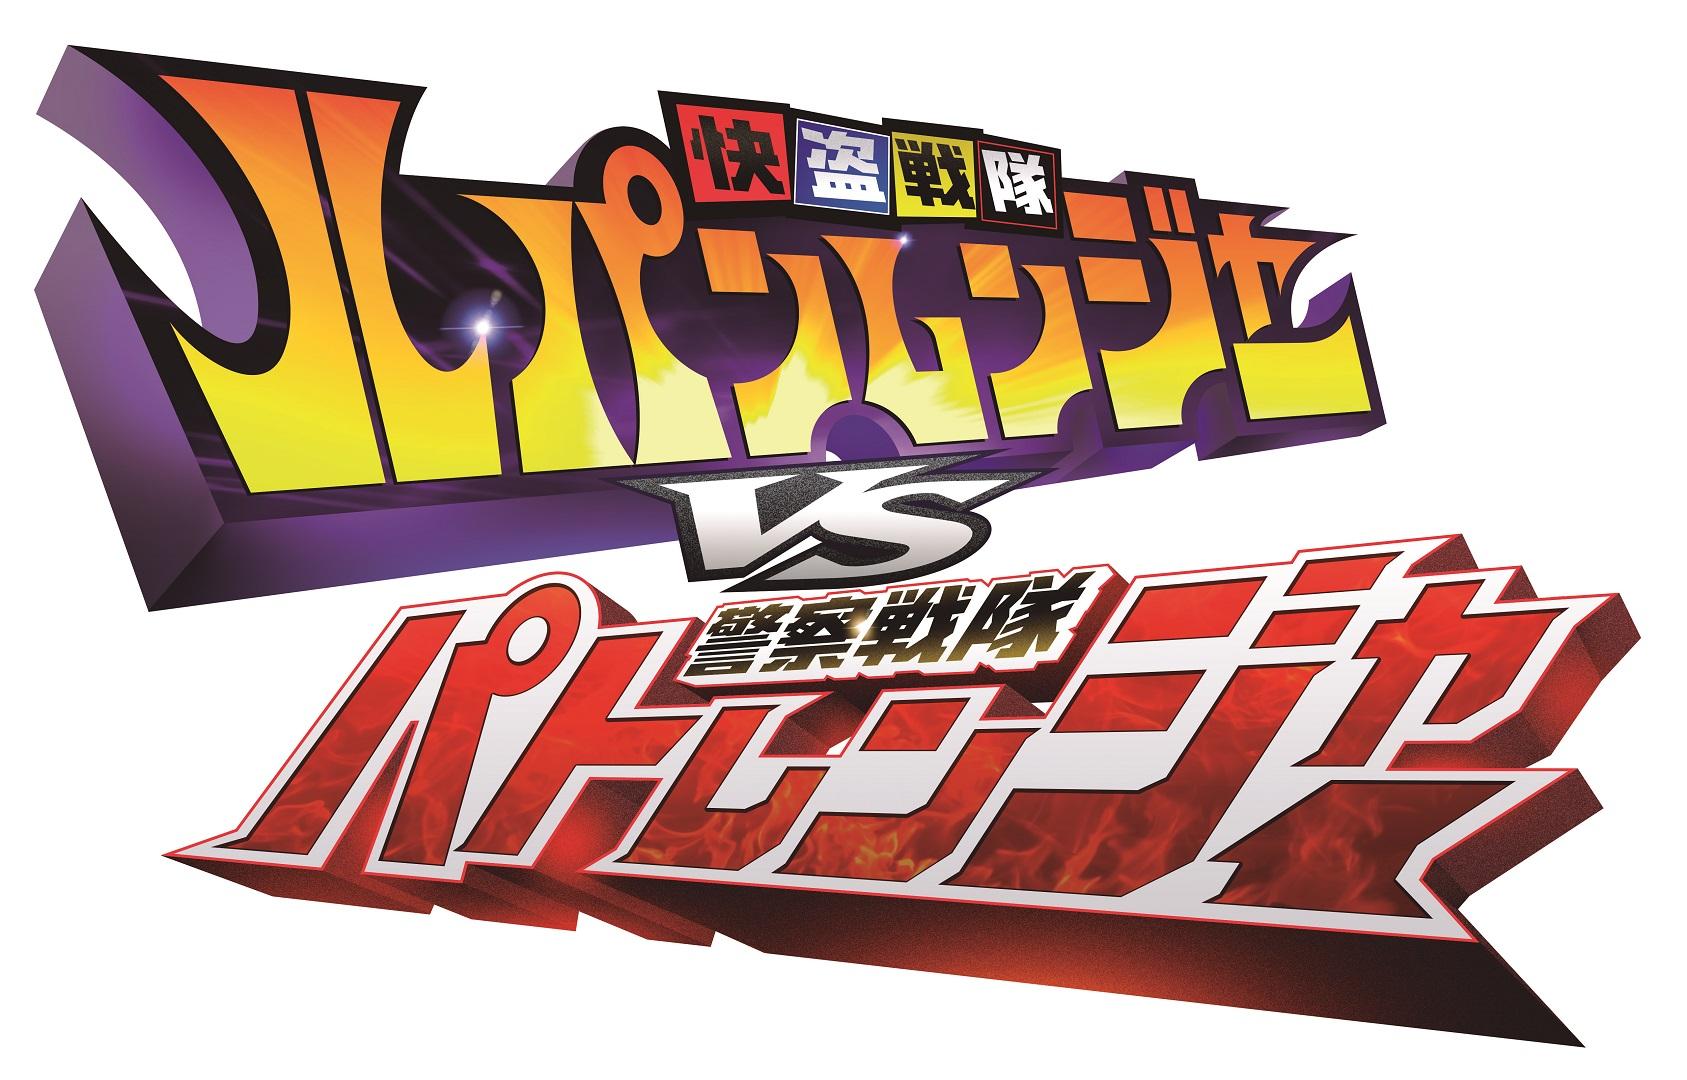 新戦隊『ルパンレンジャーVSパトレンジャー』、主題歌CD発売決定